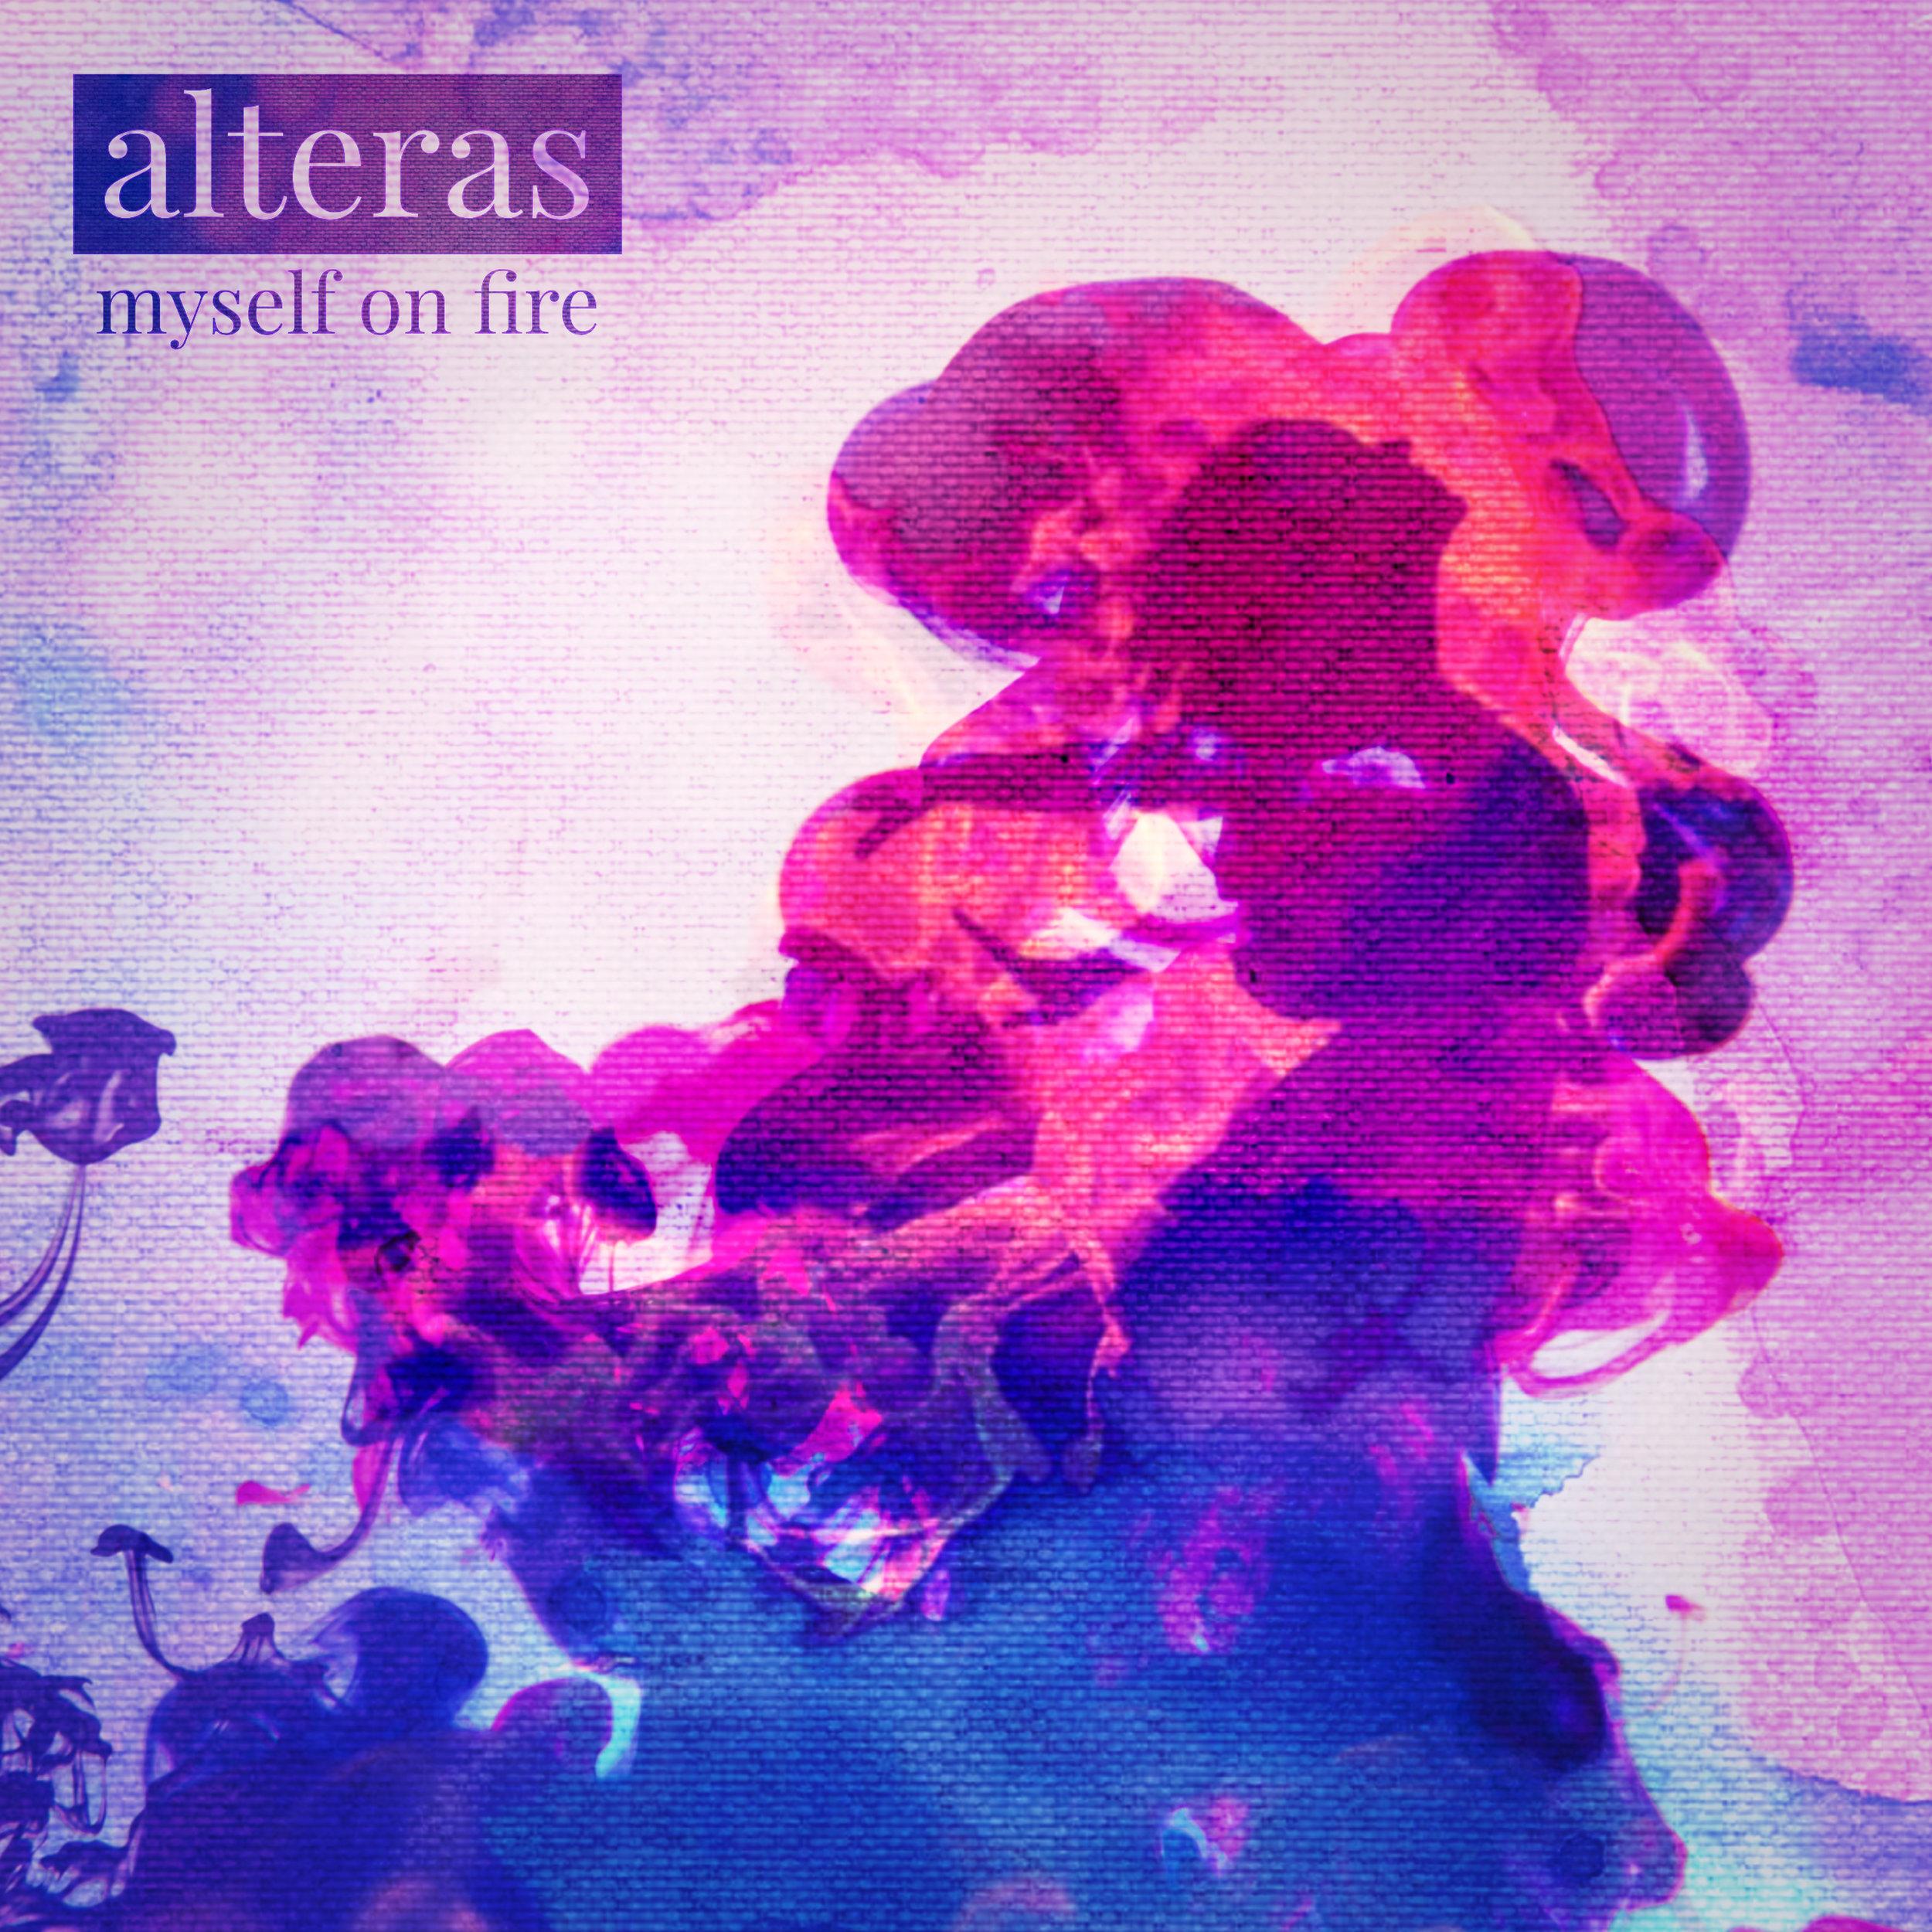 Alteras - Myself on Fire (Album)